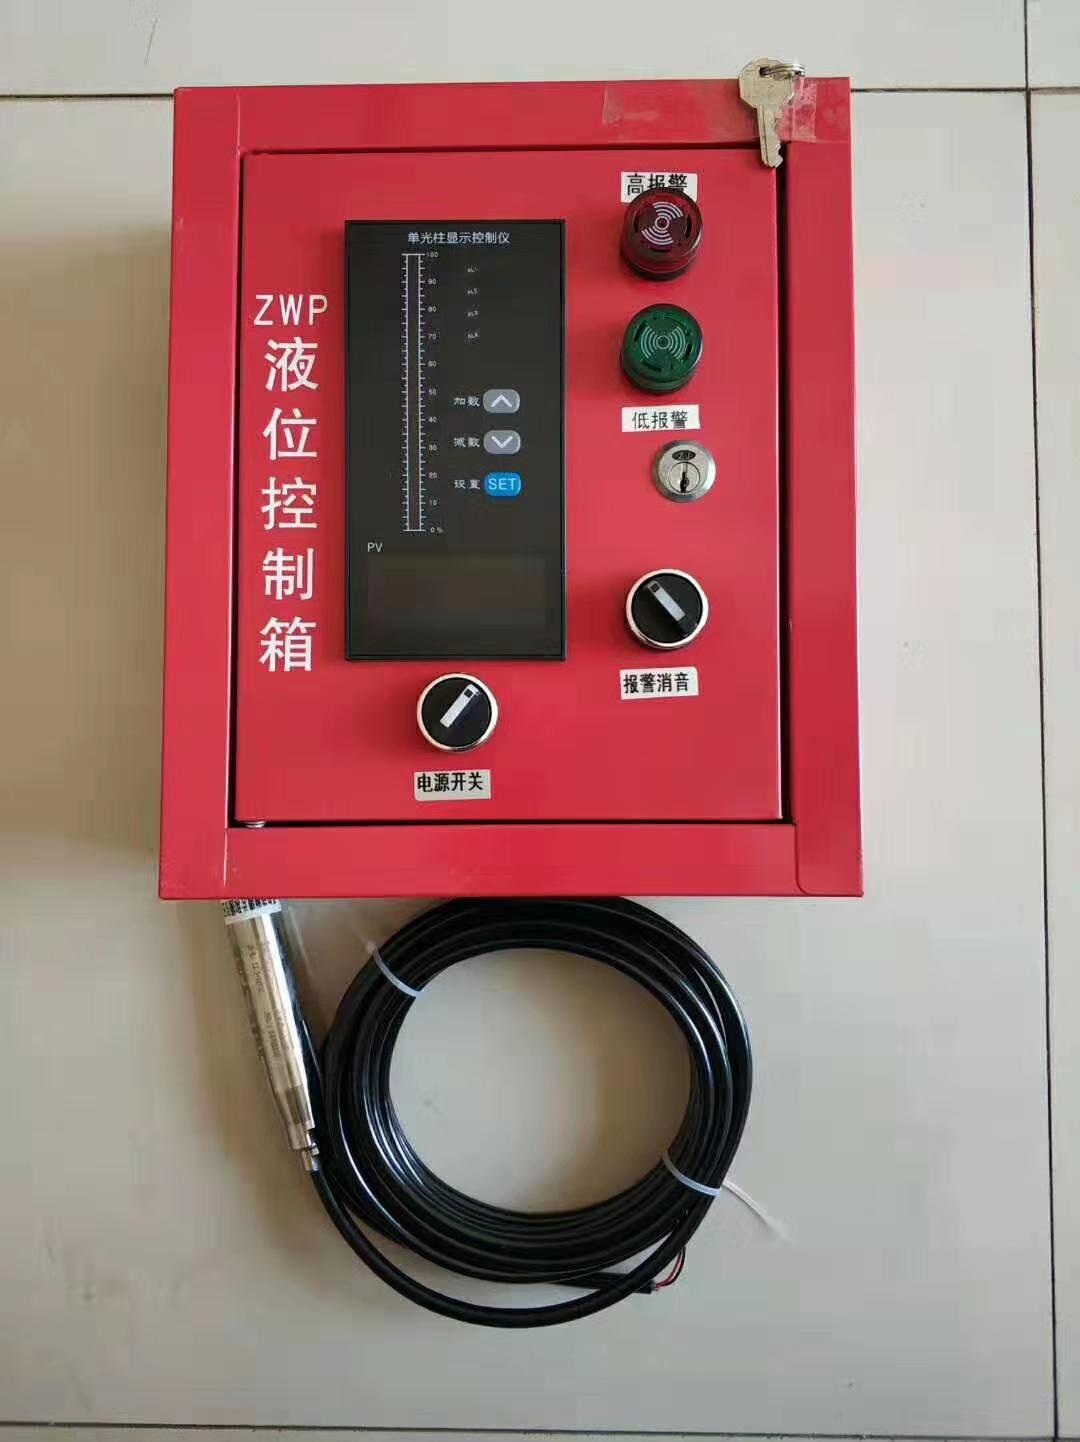 zwp液位控制箱